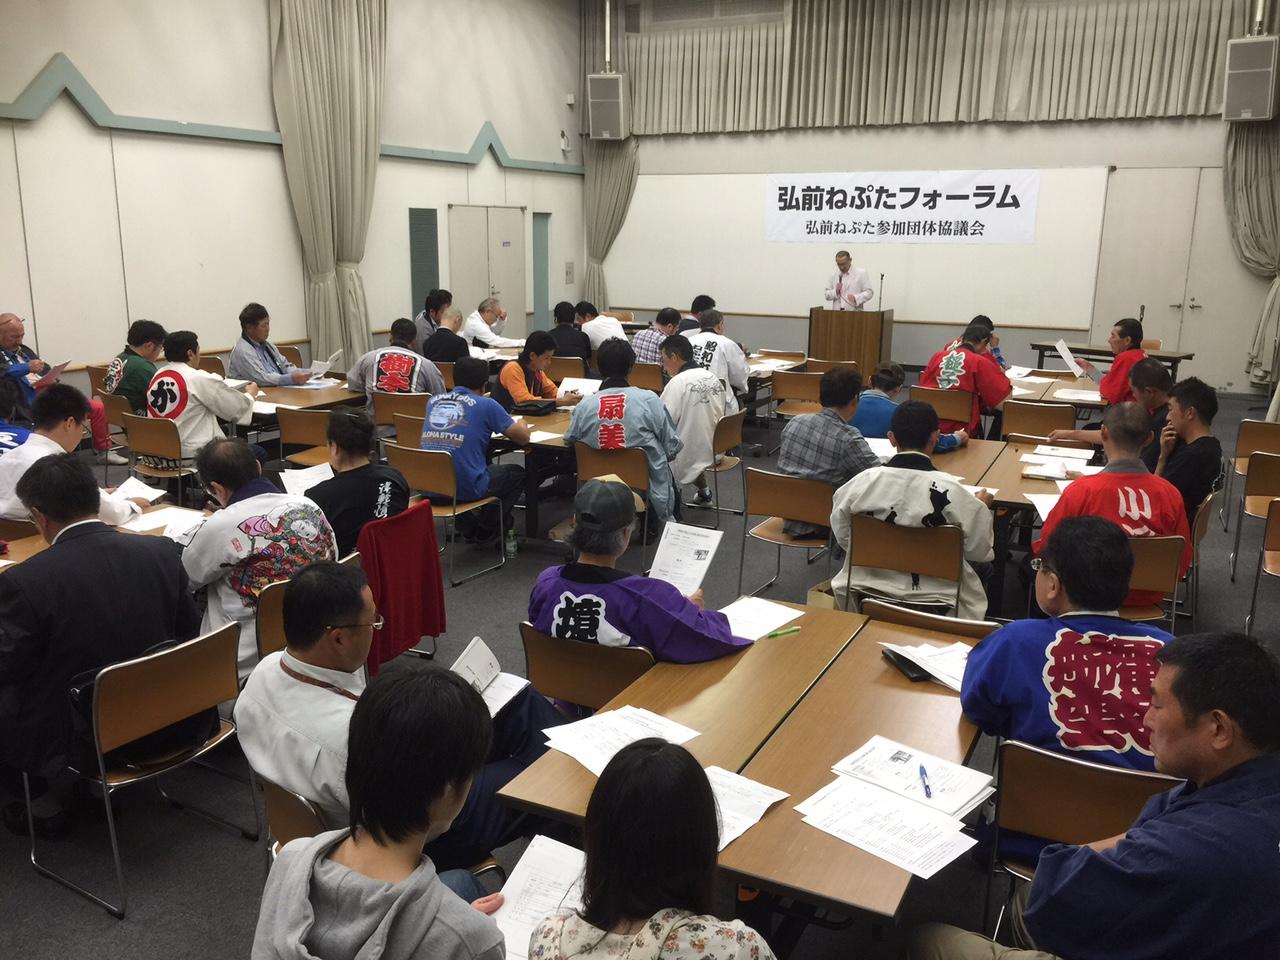 20150629ねぷたフォーラム1